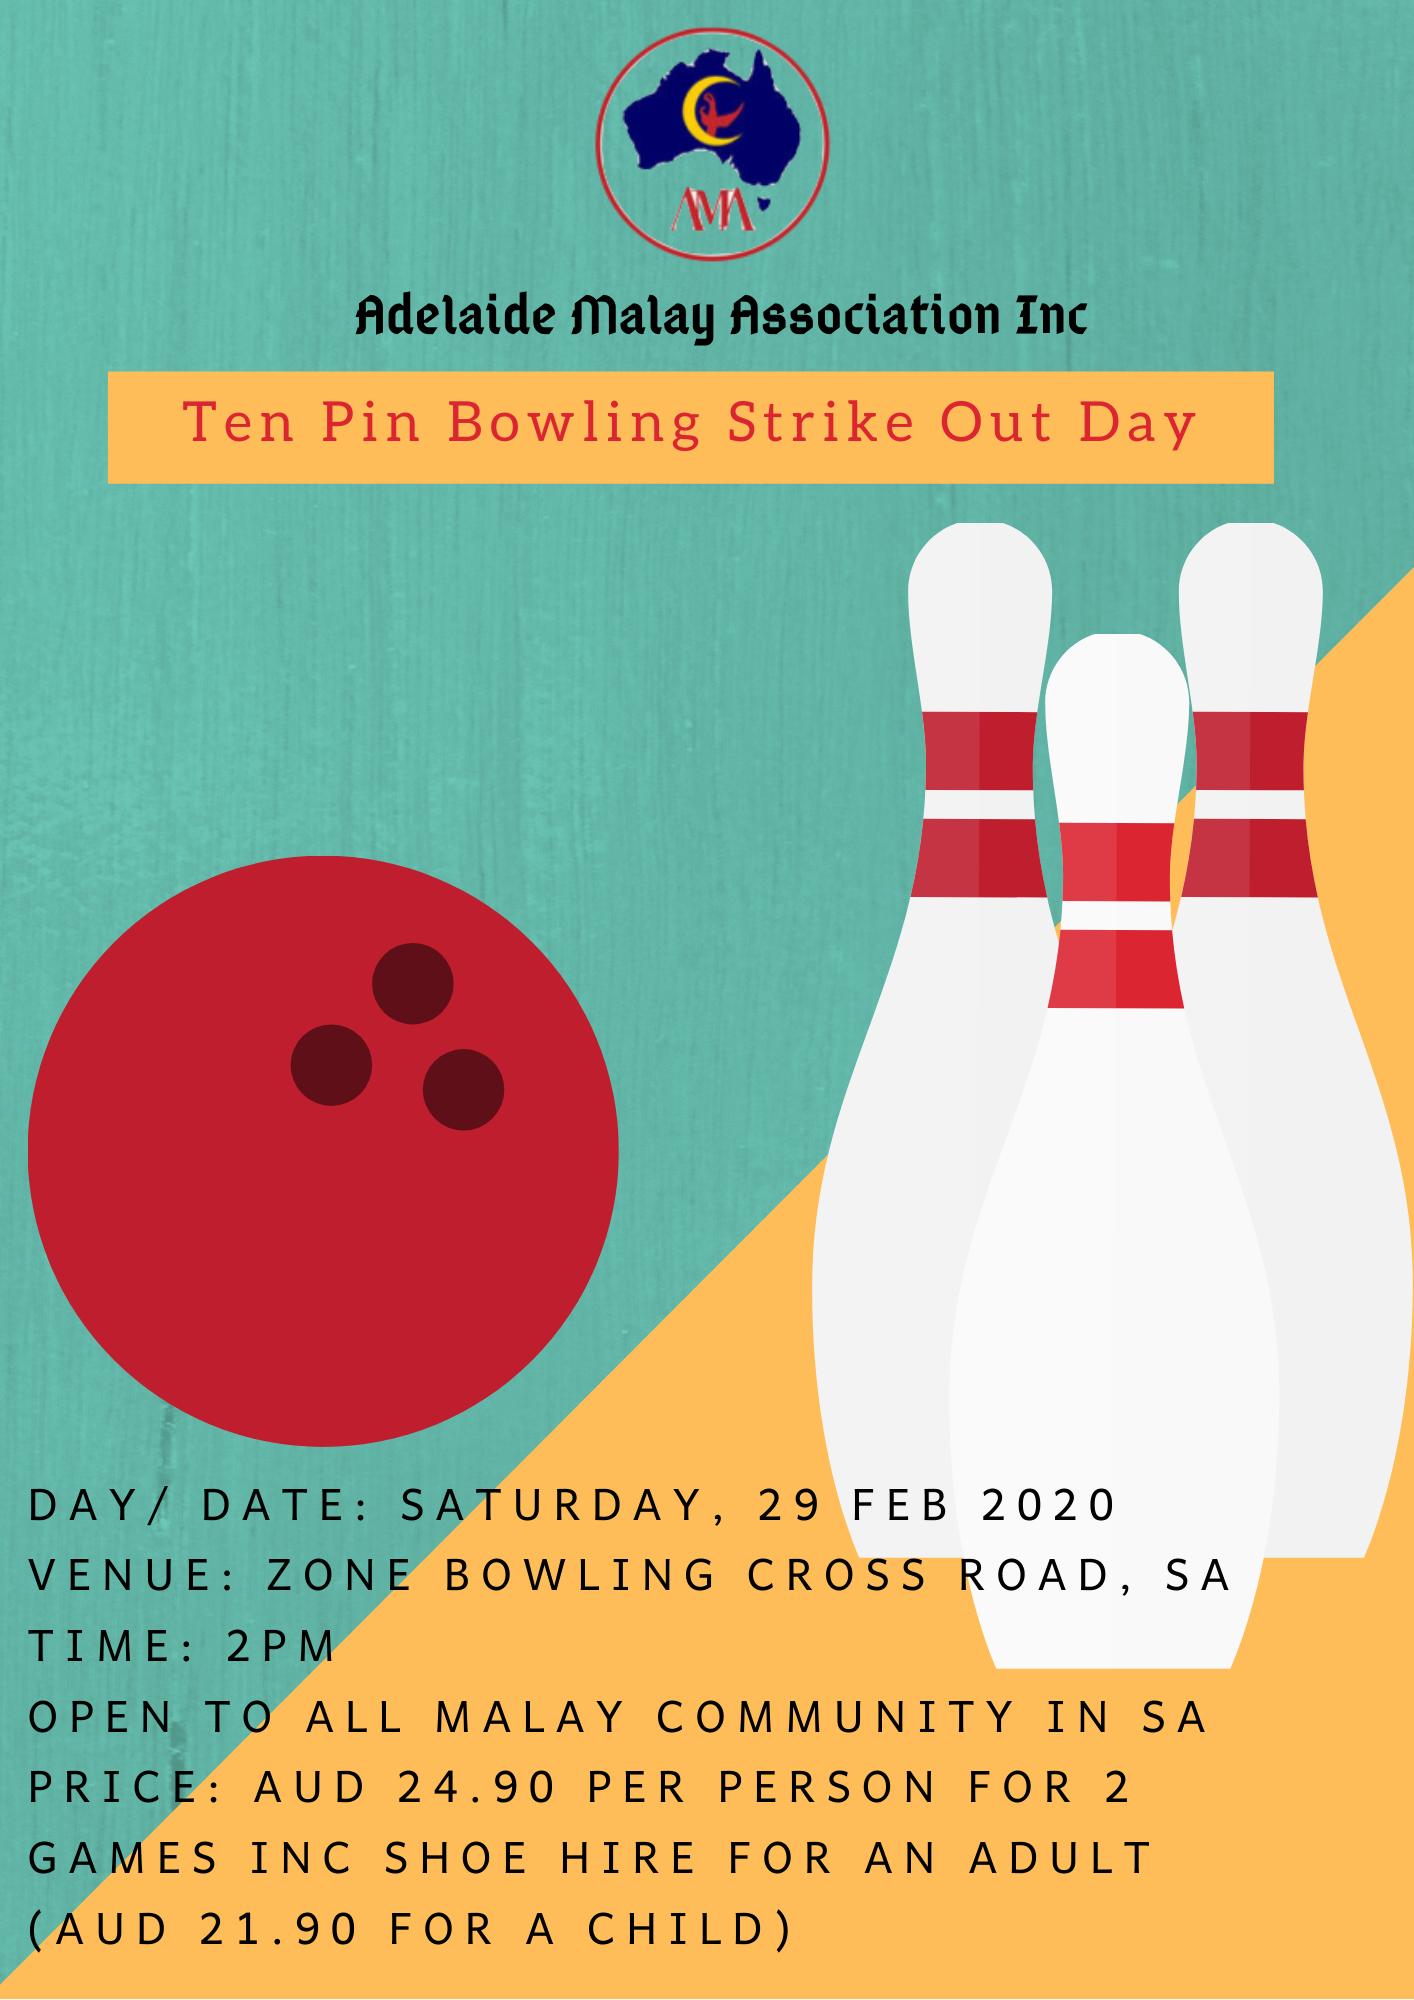 Ten Pin Bowling Strike Out Day